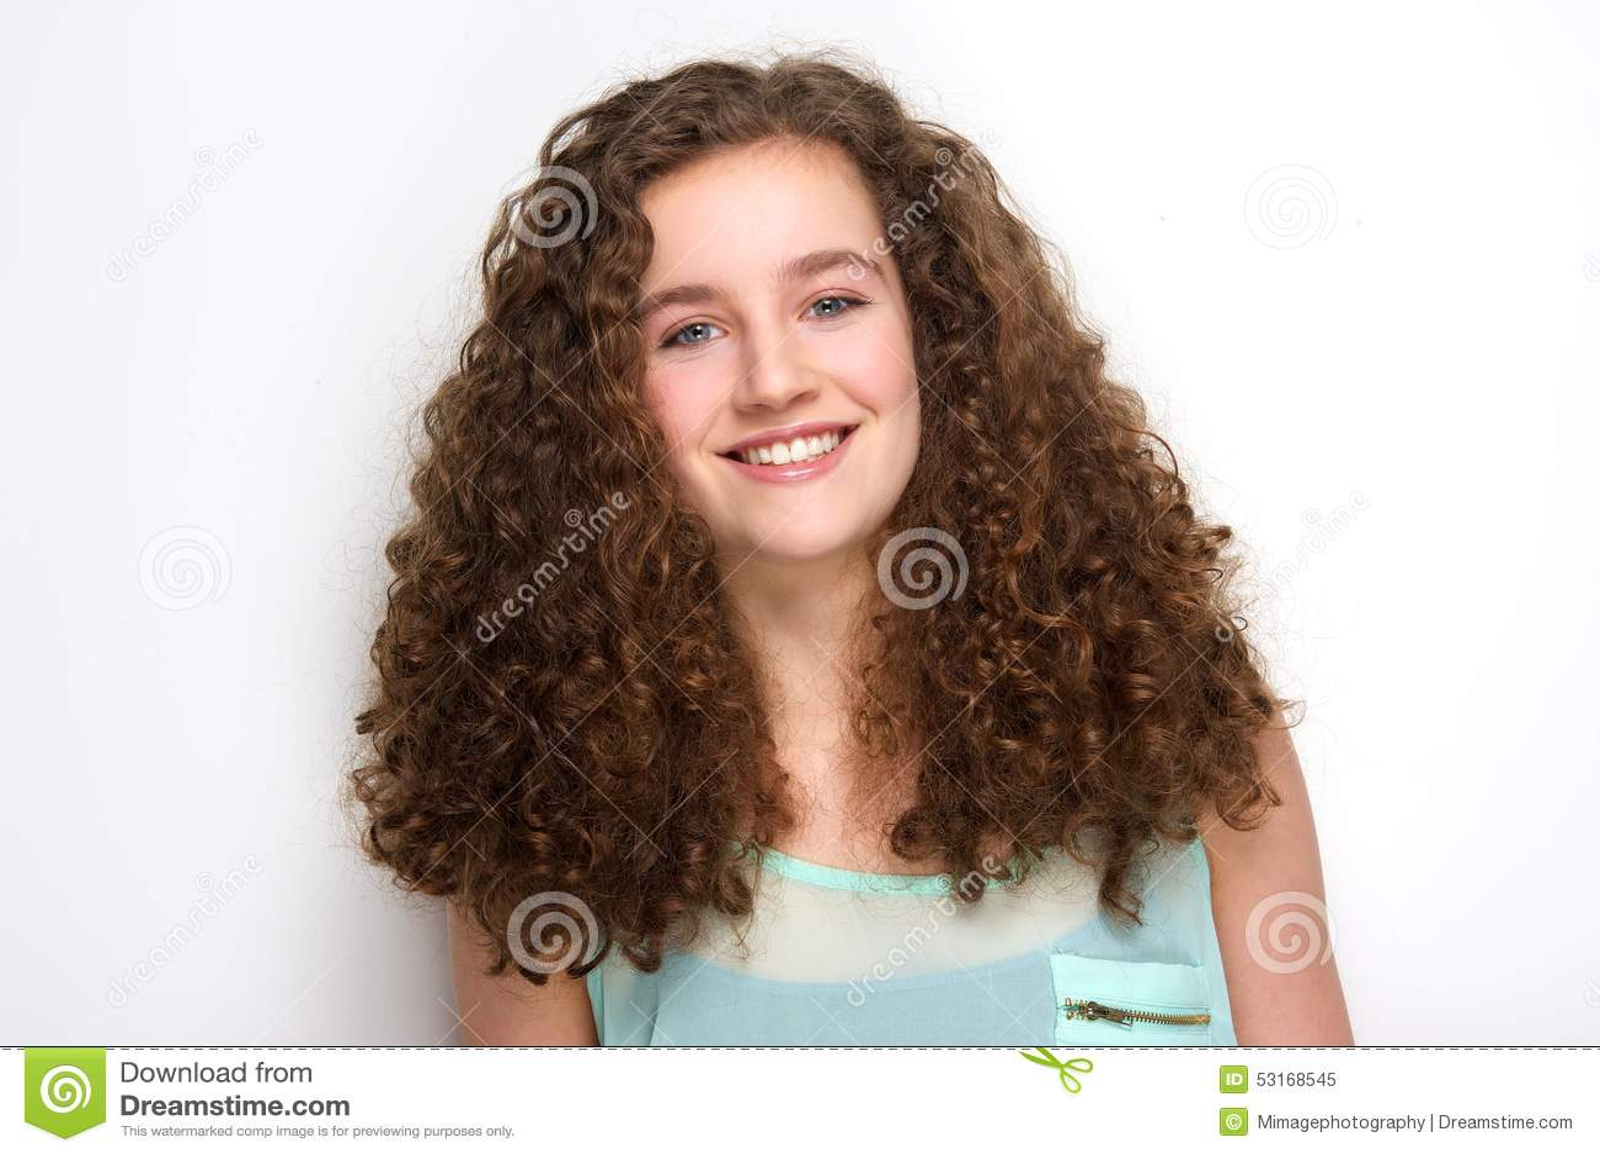 Adolescente bonito com sorriso do cabelo encaracolado